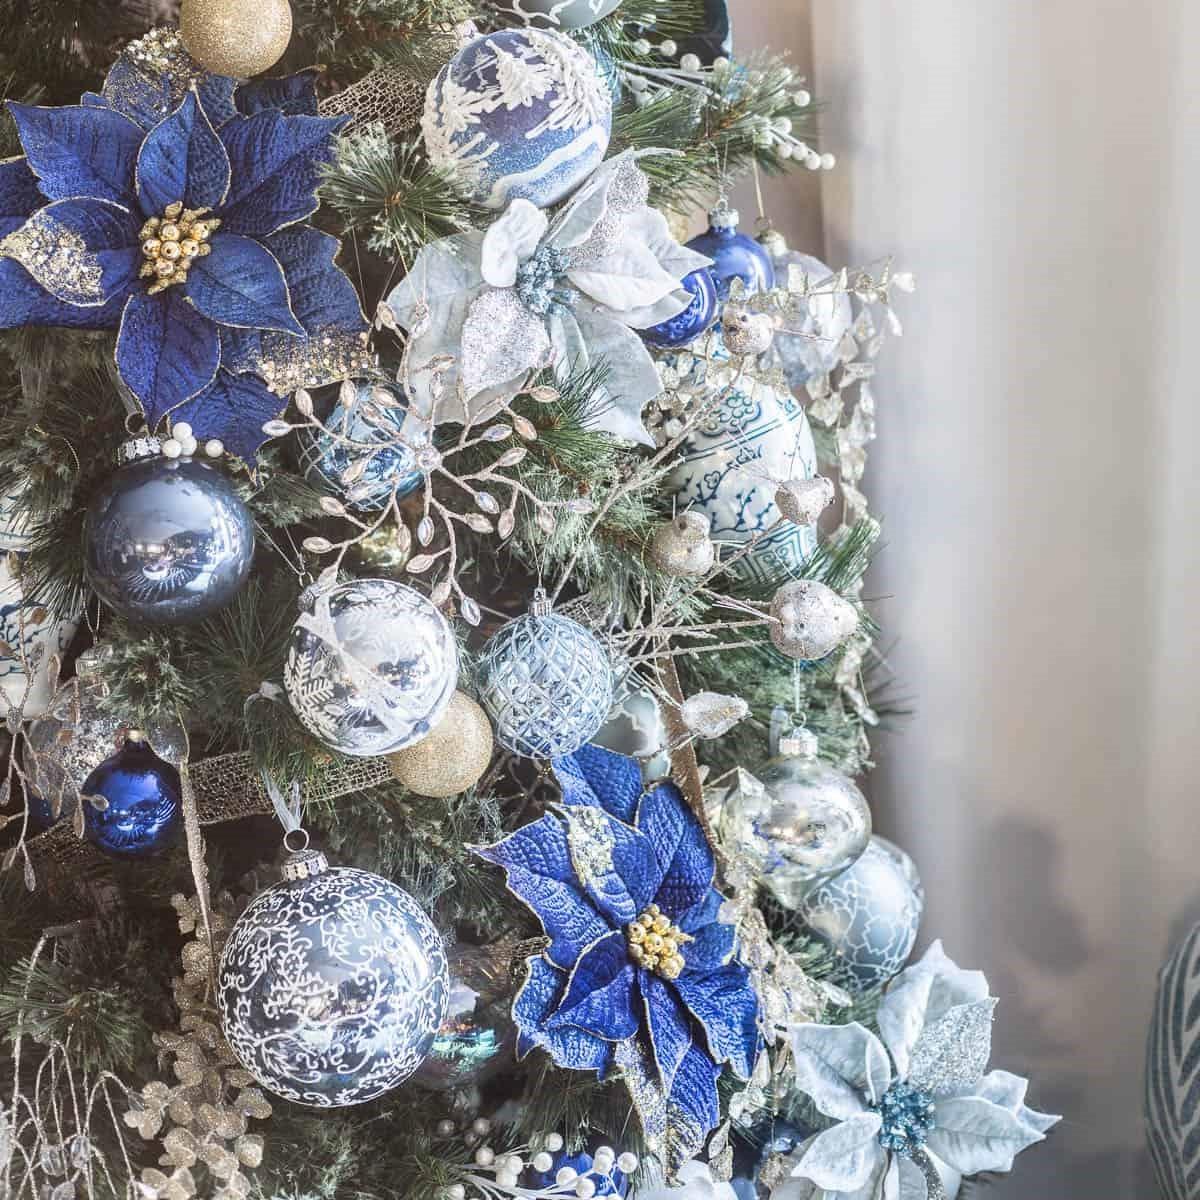 Élégance de Noël: poinsettias en bleu et argent.